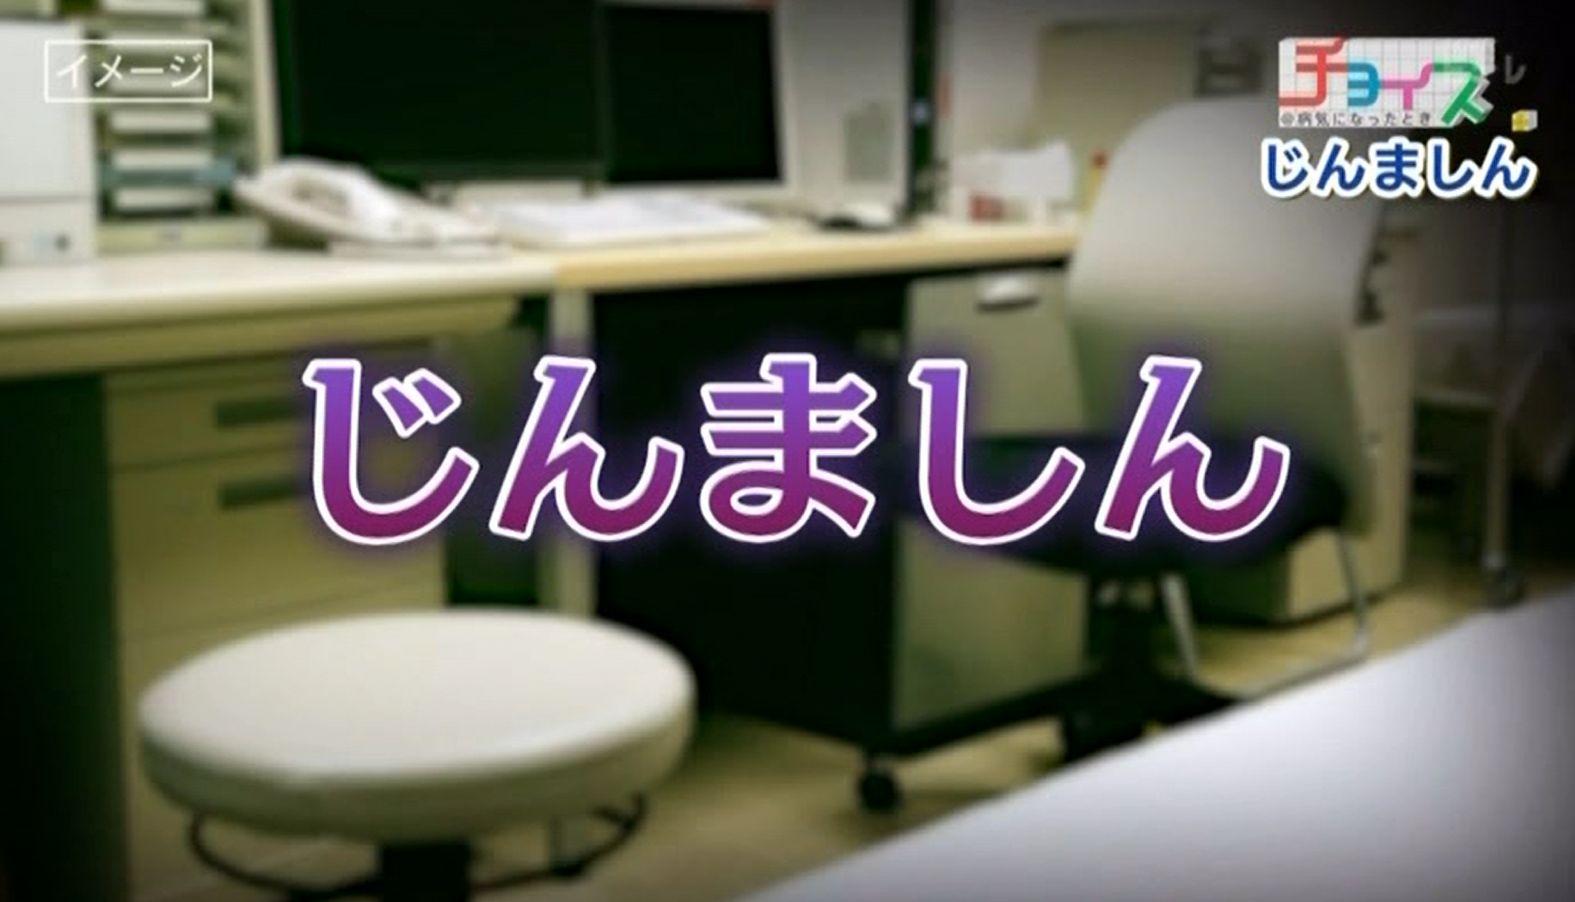 診断の結果は蕁麻疹(じんましん)